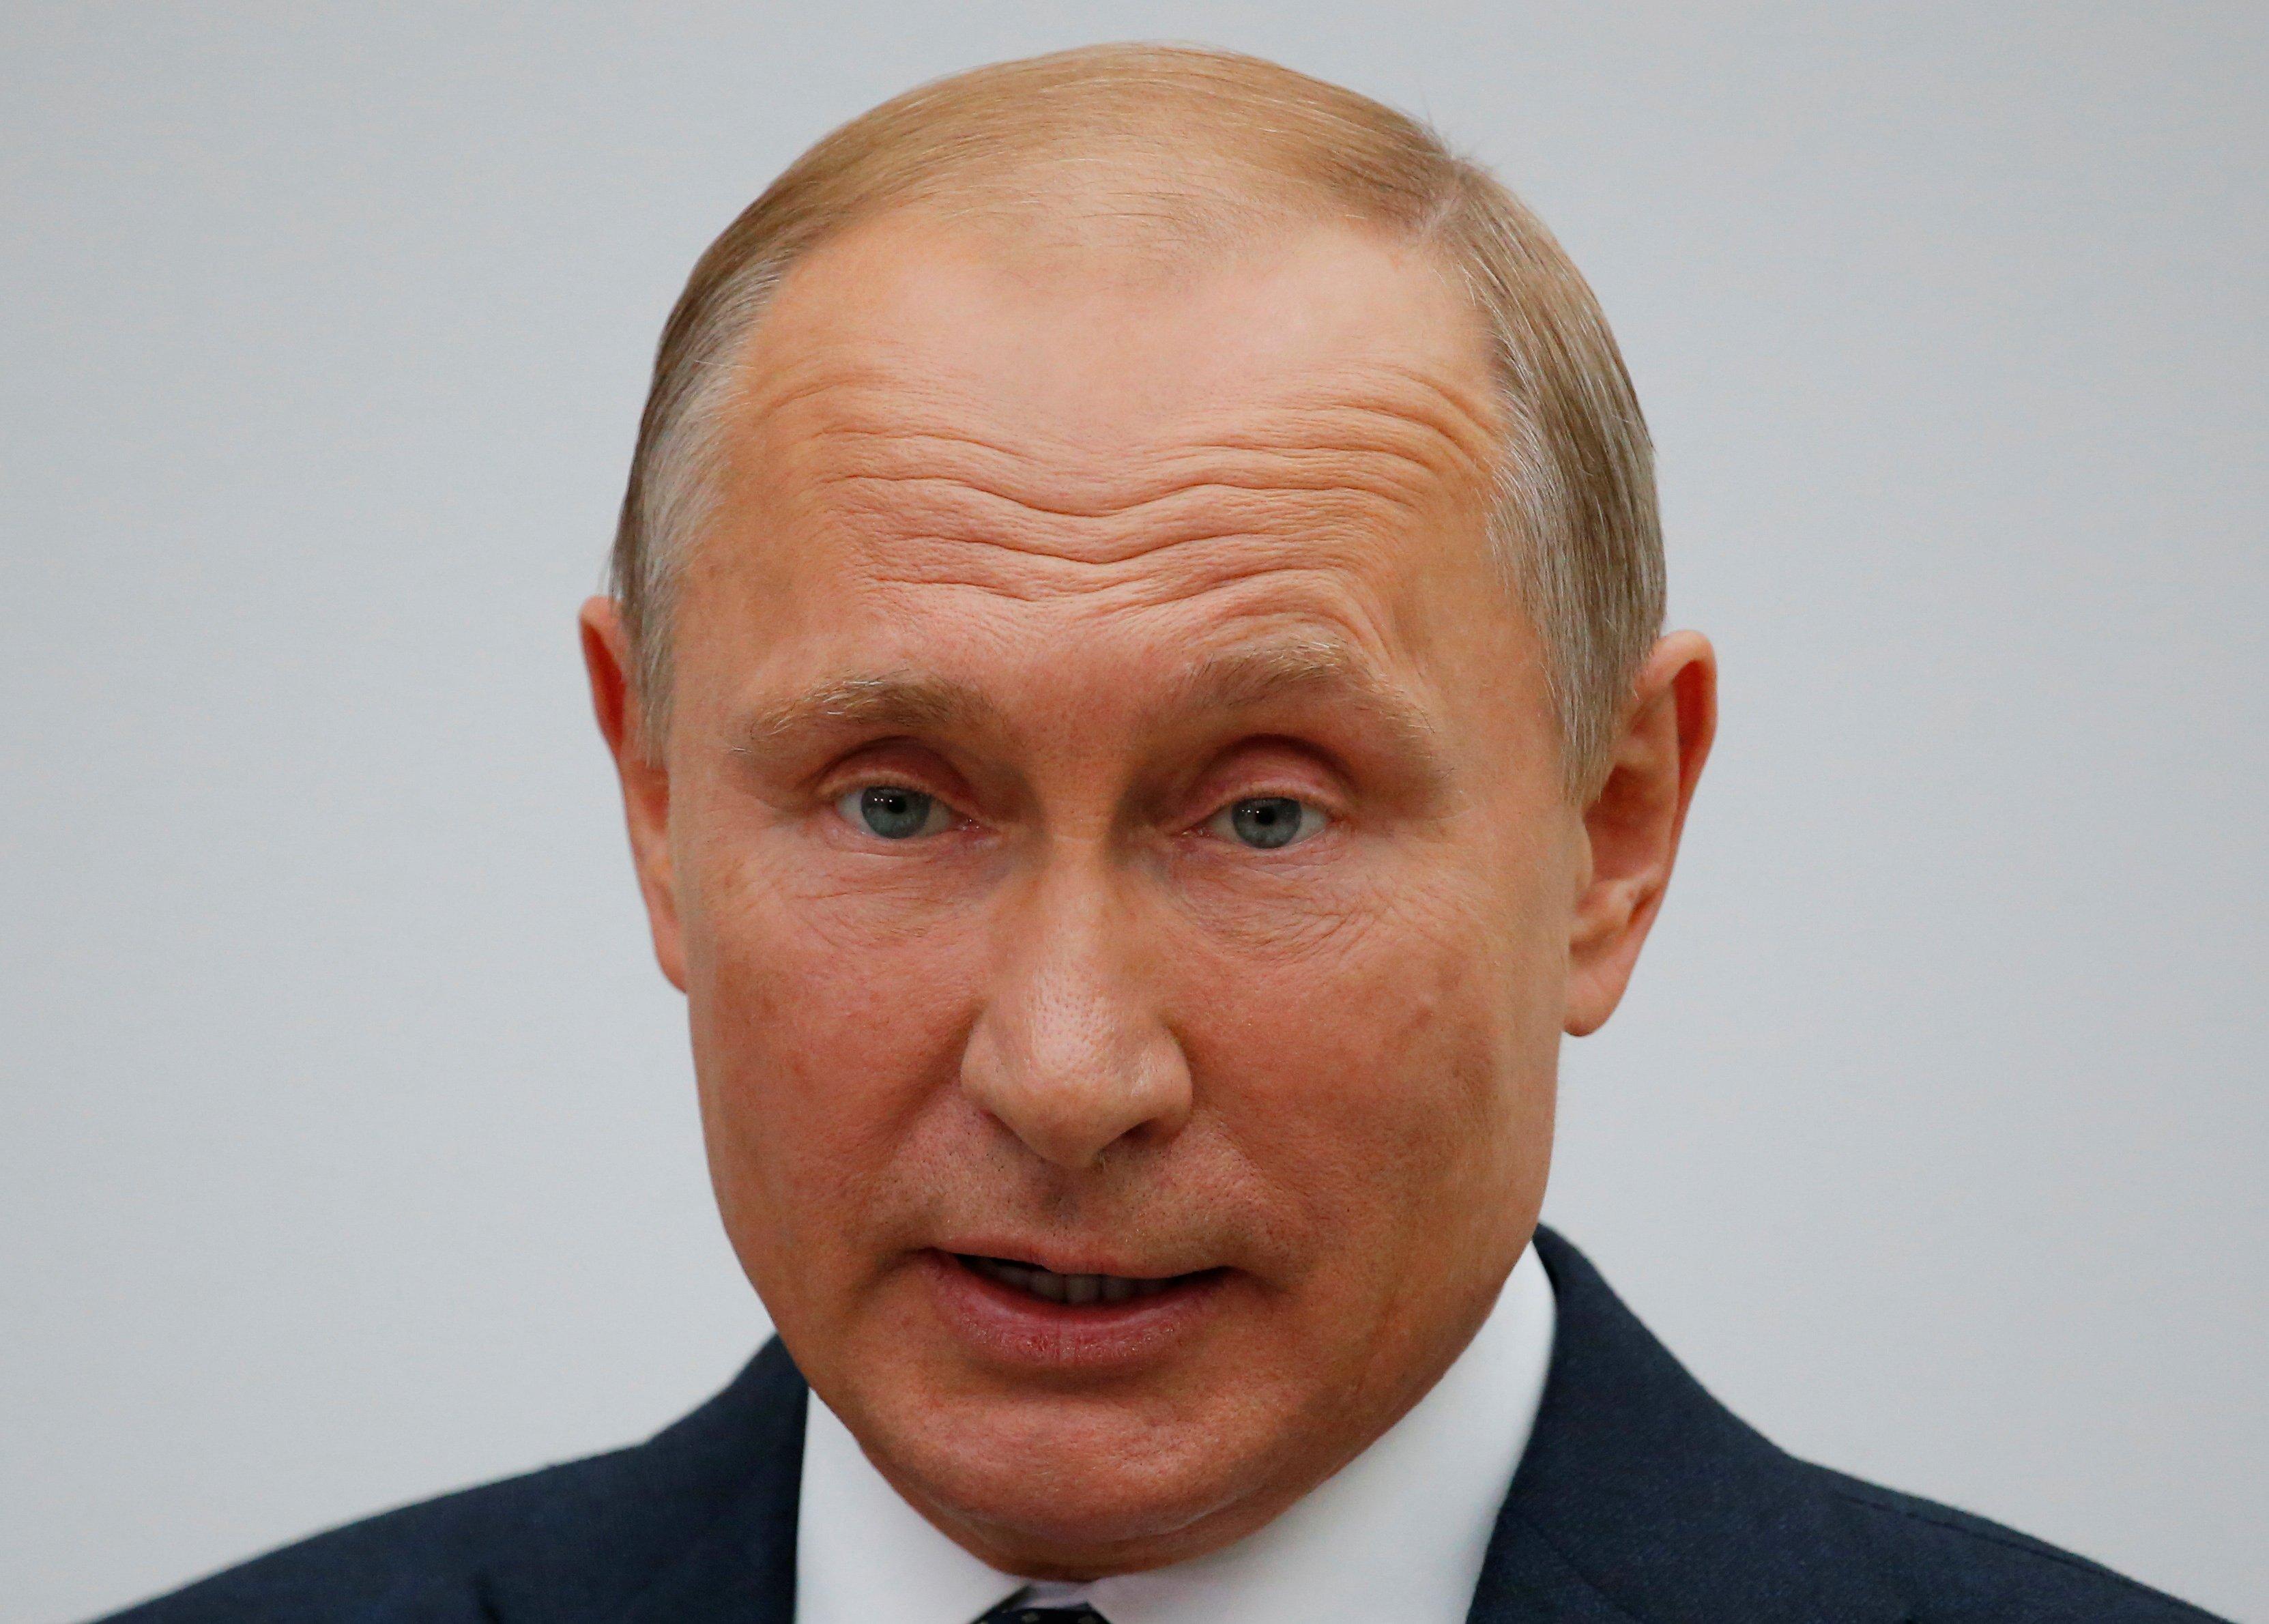 Журналист полагает, что среднестатистический россиянин разлюбил Владимира Путина